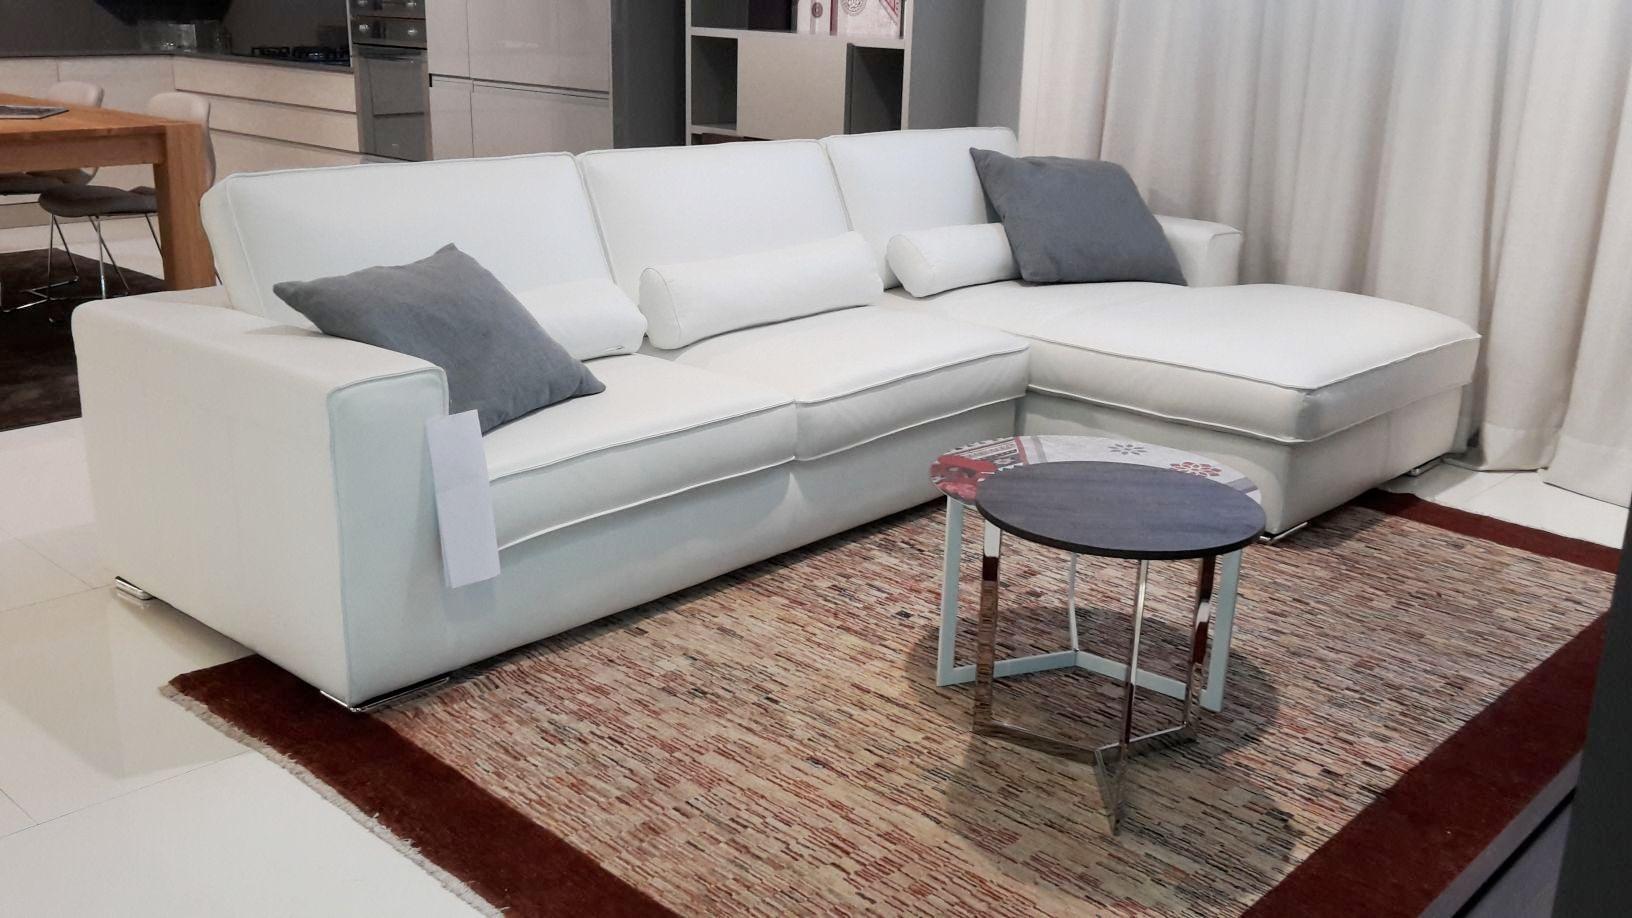 Divano letto angolare in pelle best divano letto angolare for Divano letto in pelle prezzi